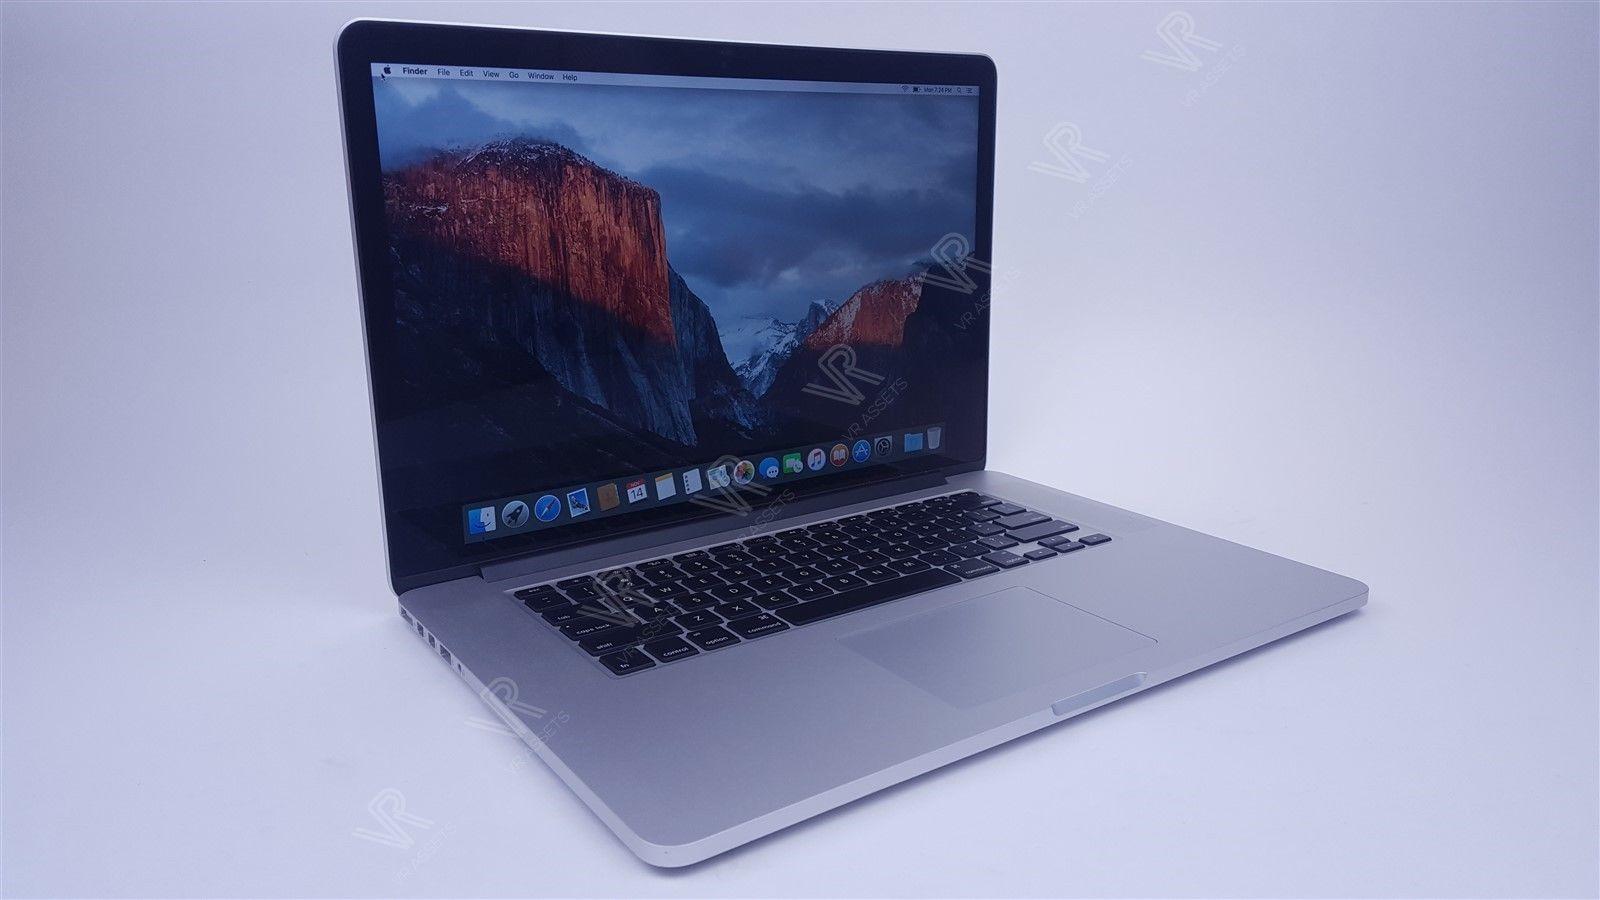 vr assets apple macbook pro a1398 15 4 retina 2012 i7 2. Black Bedroom Furniture Sets. Home Design Ideas